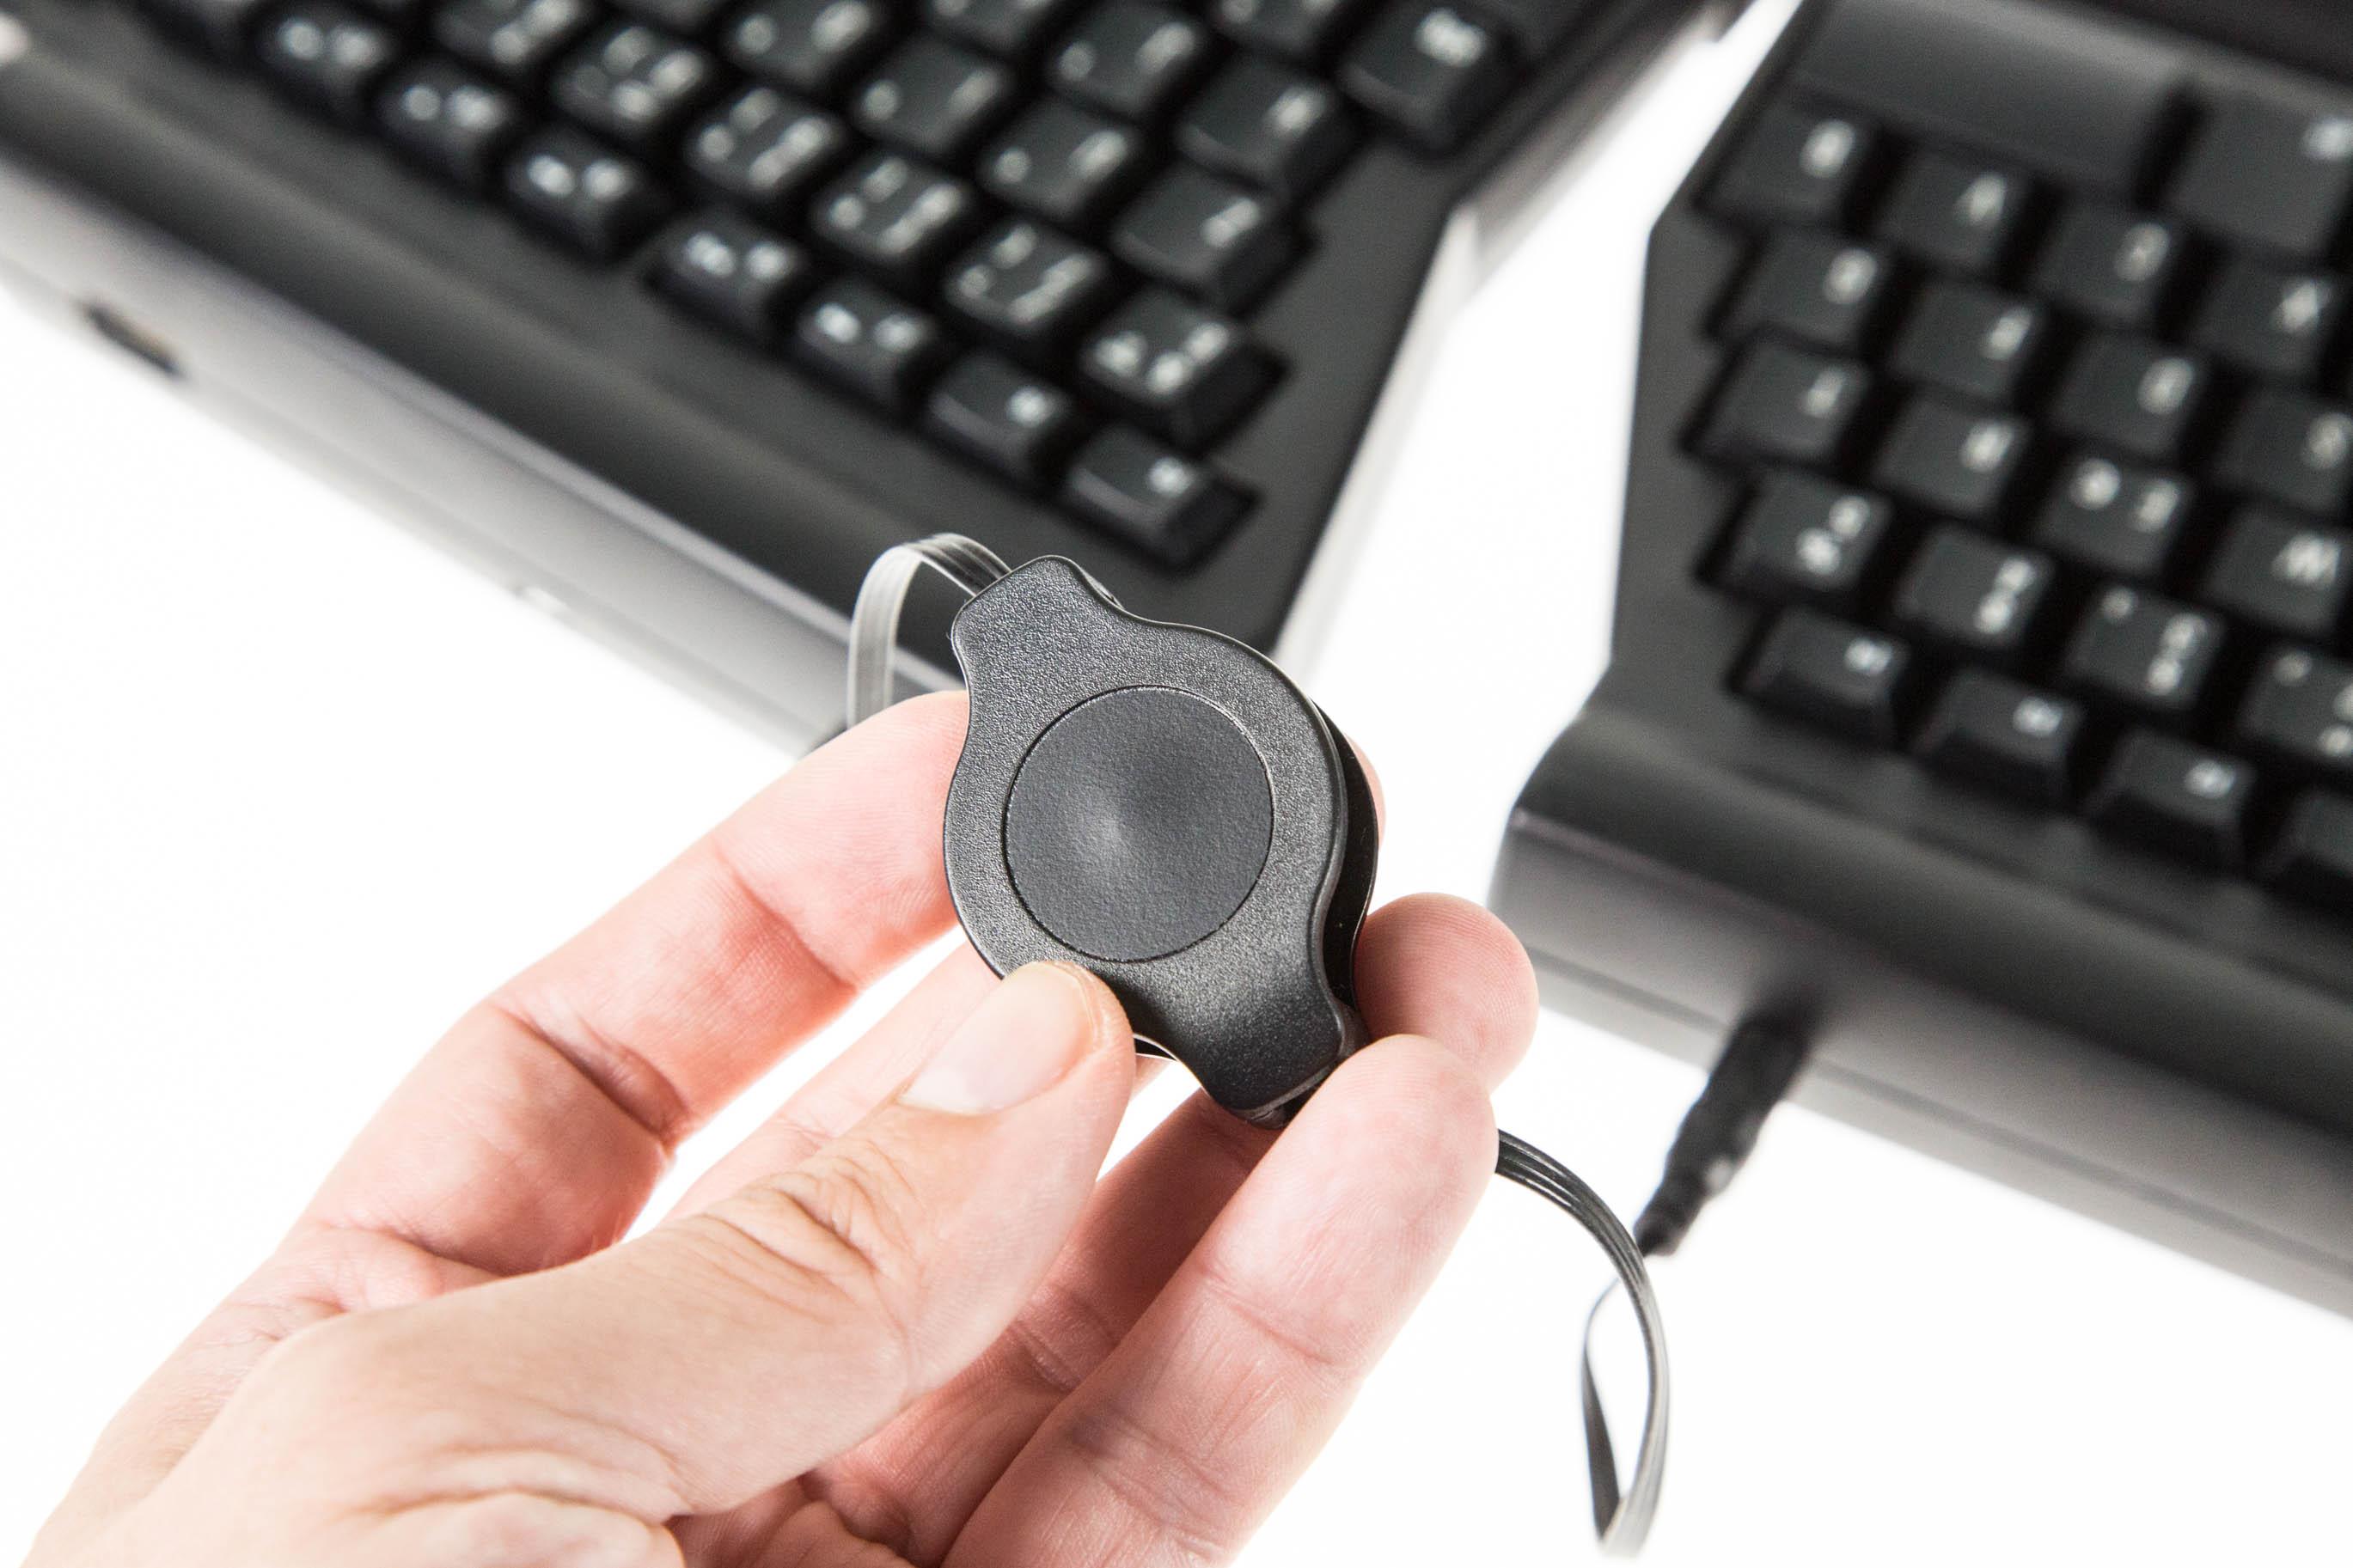 Matias Ergo Pro Keyboard im Test: Die Exzentrische unter den Tastaturen - Die beiden Module werden ebenfalls per Kabel miteinander verbunden. (Bild: Martin Wolf/Golem.de)